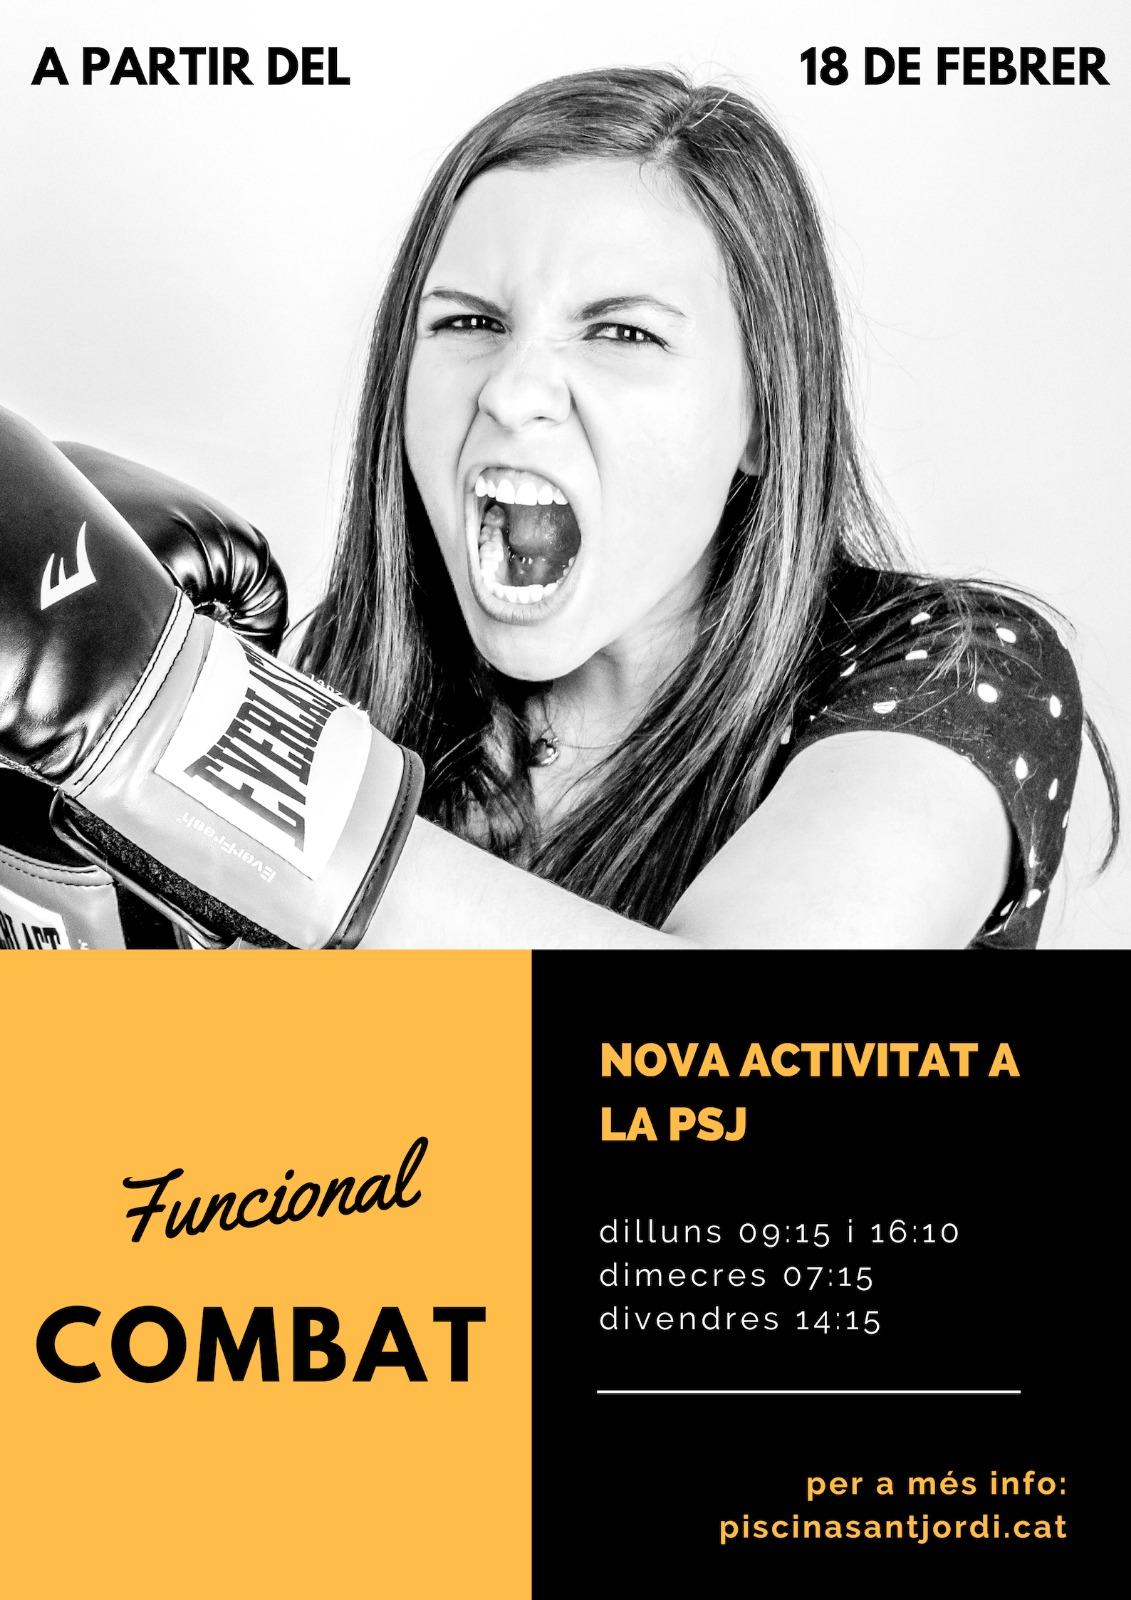 funcional-combat.jpg